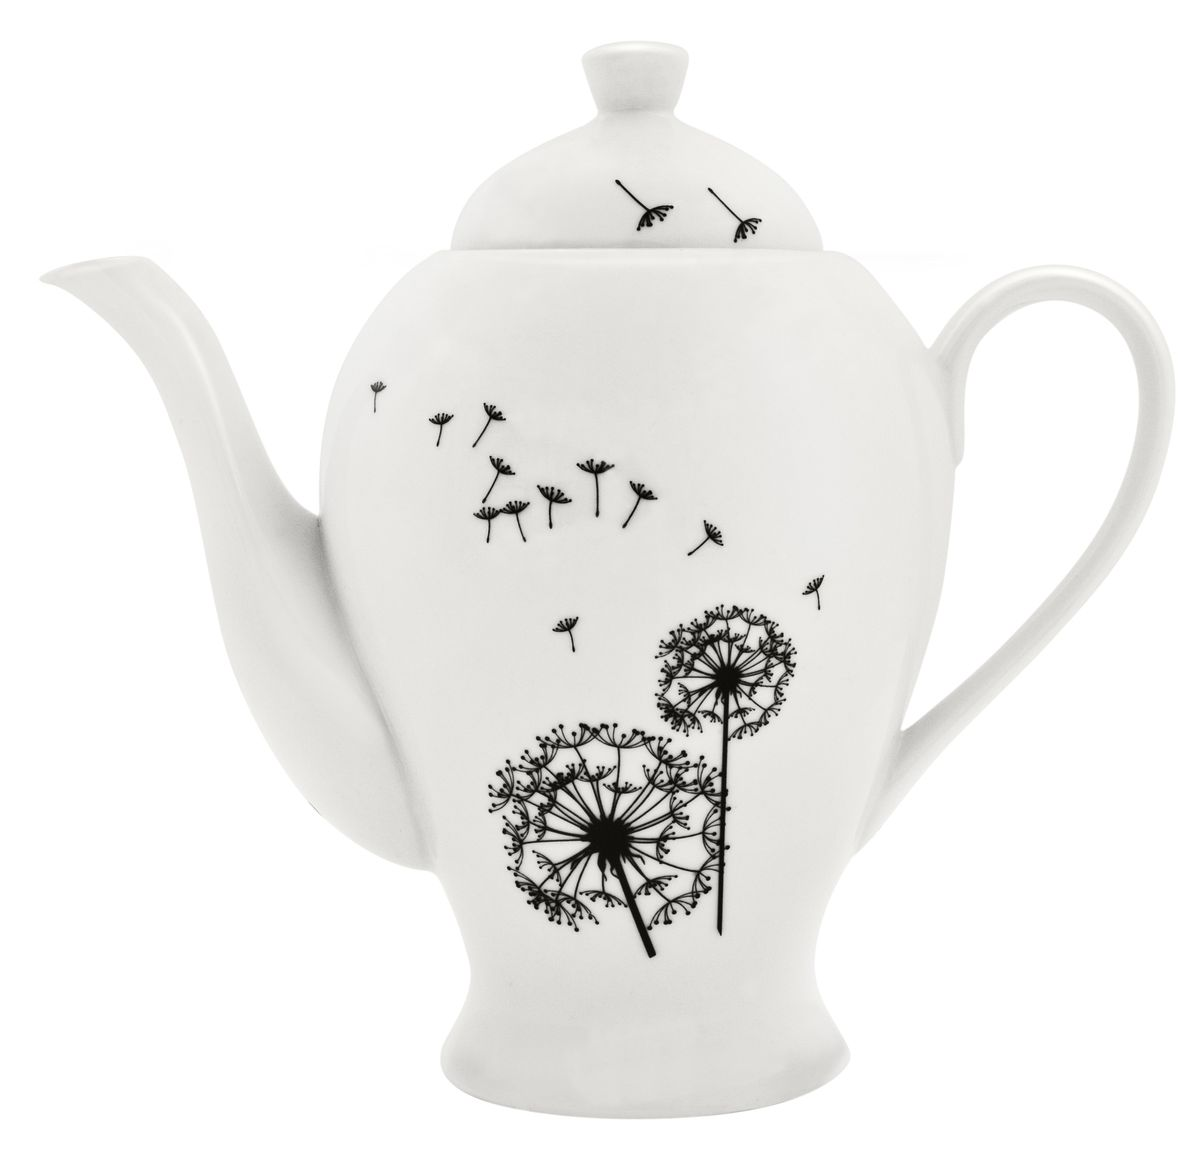 Чайник заварочный Esprado Viente, 1,29 лVT-1520(SR)Чайник заварочный Esprado Viente изготовлен из высококачественного фарфора и декорирован очаровательным цветочным рисунком. Такой дизайн, несомненно, придется по вкусу и любителям классики, и тем кто ценит красоту и изящество. Такой чайник украсит ваш кухонный стол, а также станет замечательным подарком к любому празднику. Можно использовать в микроволновой печи и мыть в посудомоечной машине.